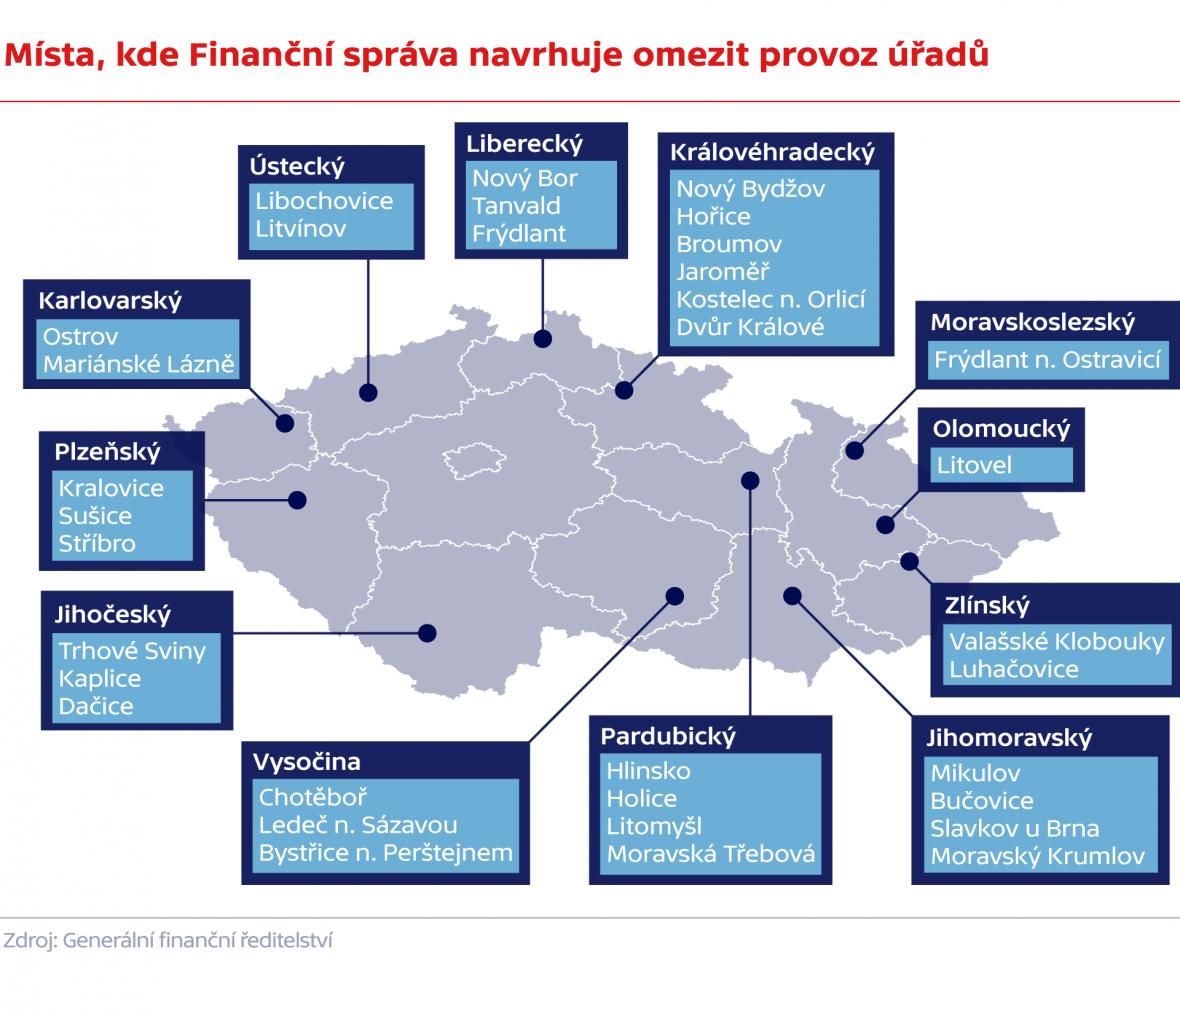 Místa, kde Finanční správa navrhuje omezit provoz úřadů